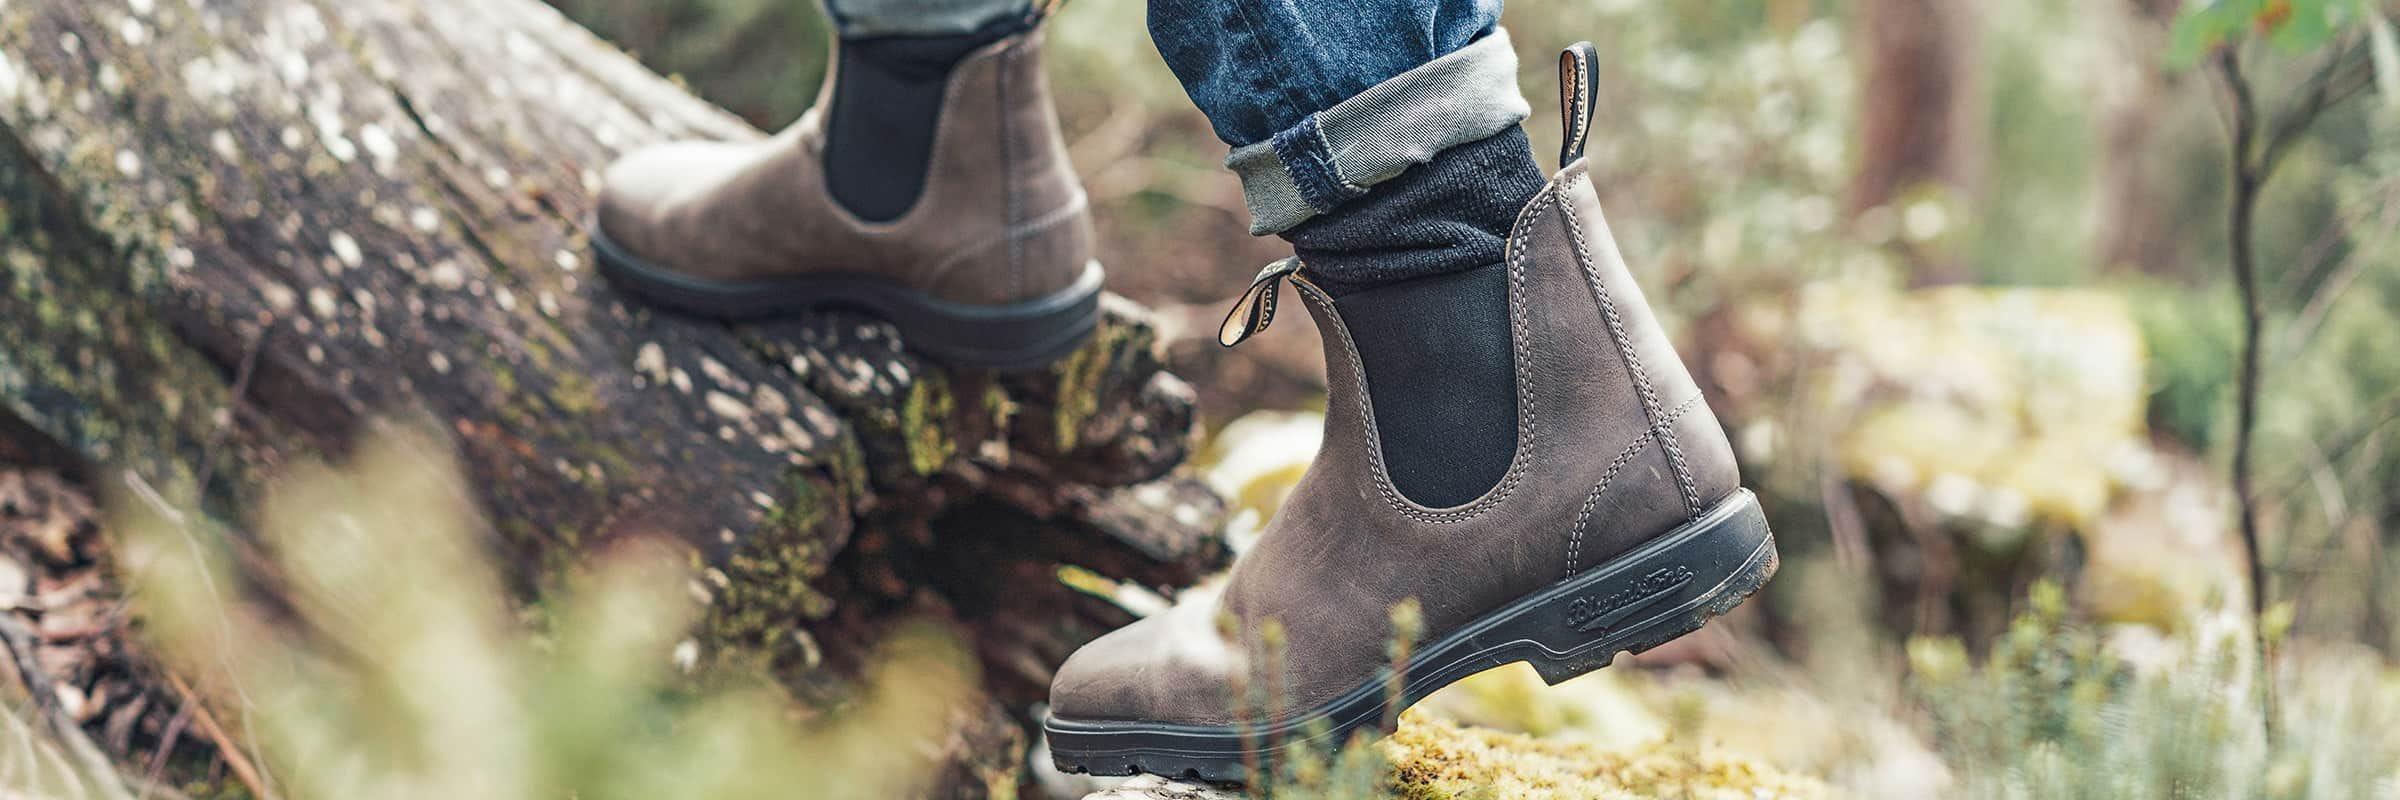 . Les plus belles bottes et chaussures pour femme pour survivre à l'automne 2019